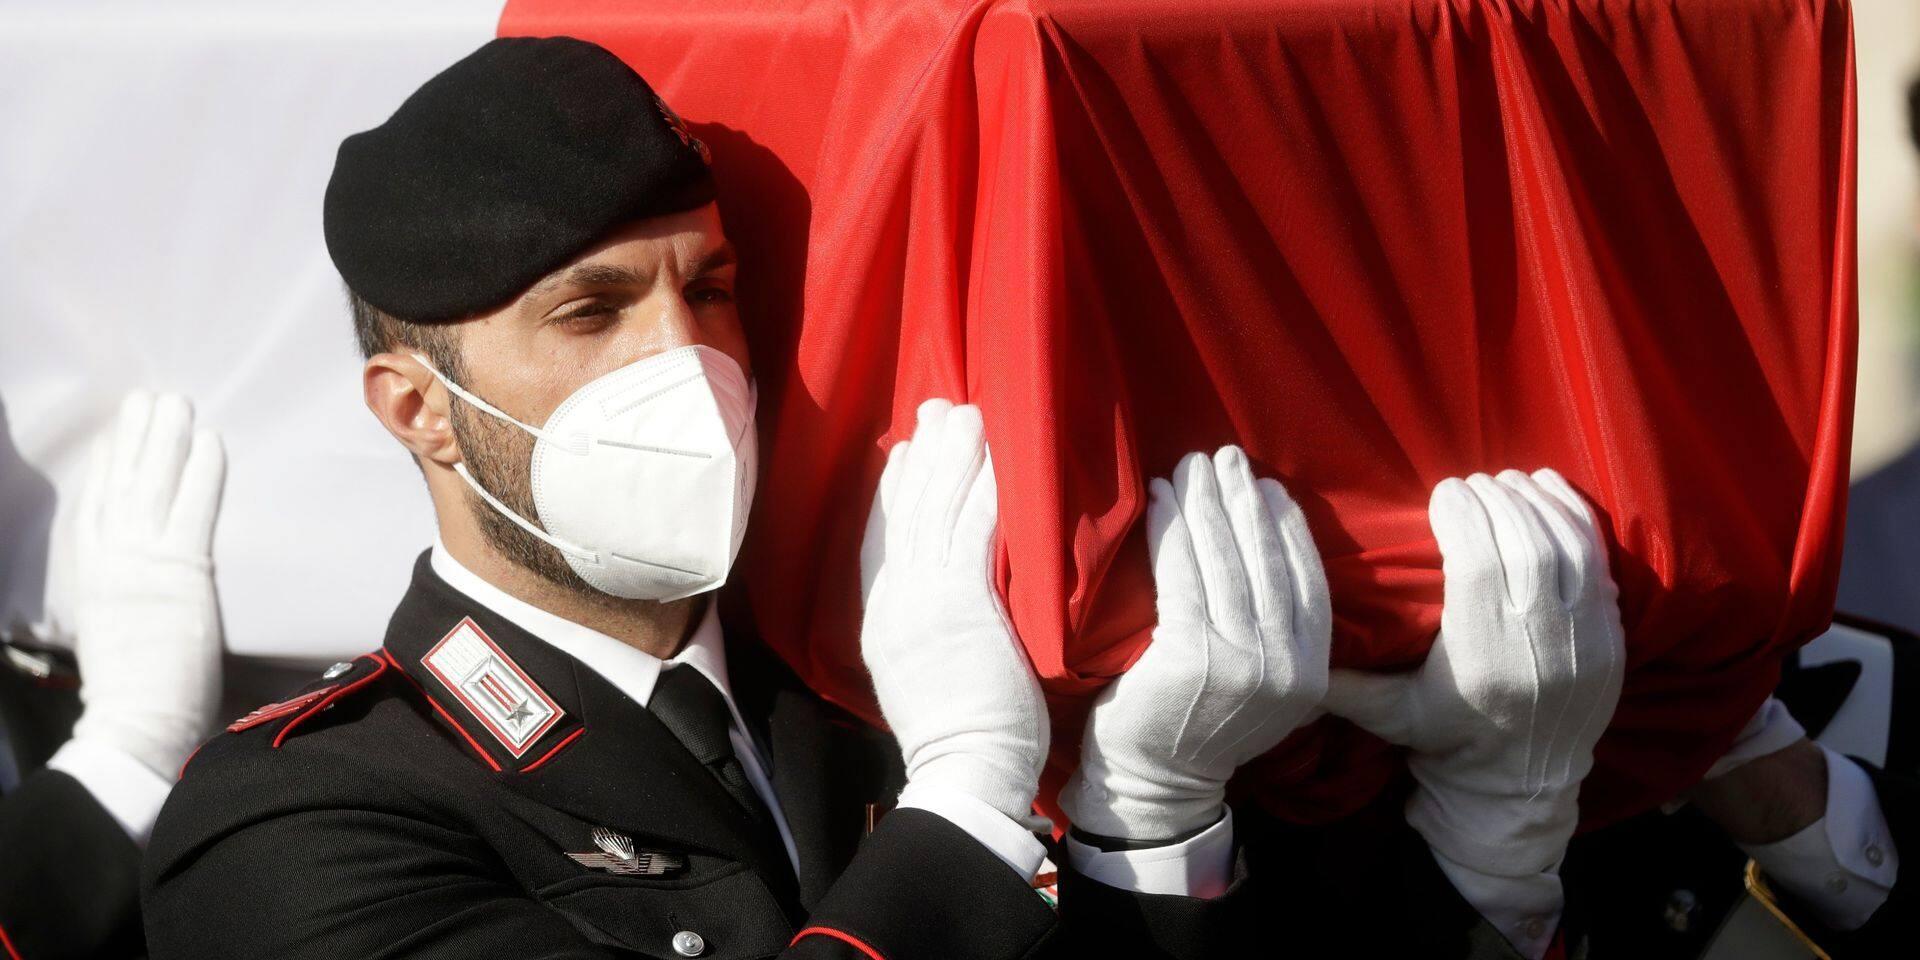 """Assassinat de l'ambassadeur d'Italie en RDC: la veuve de l'ambassadeur italien évoque une """"trahison"""""""